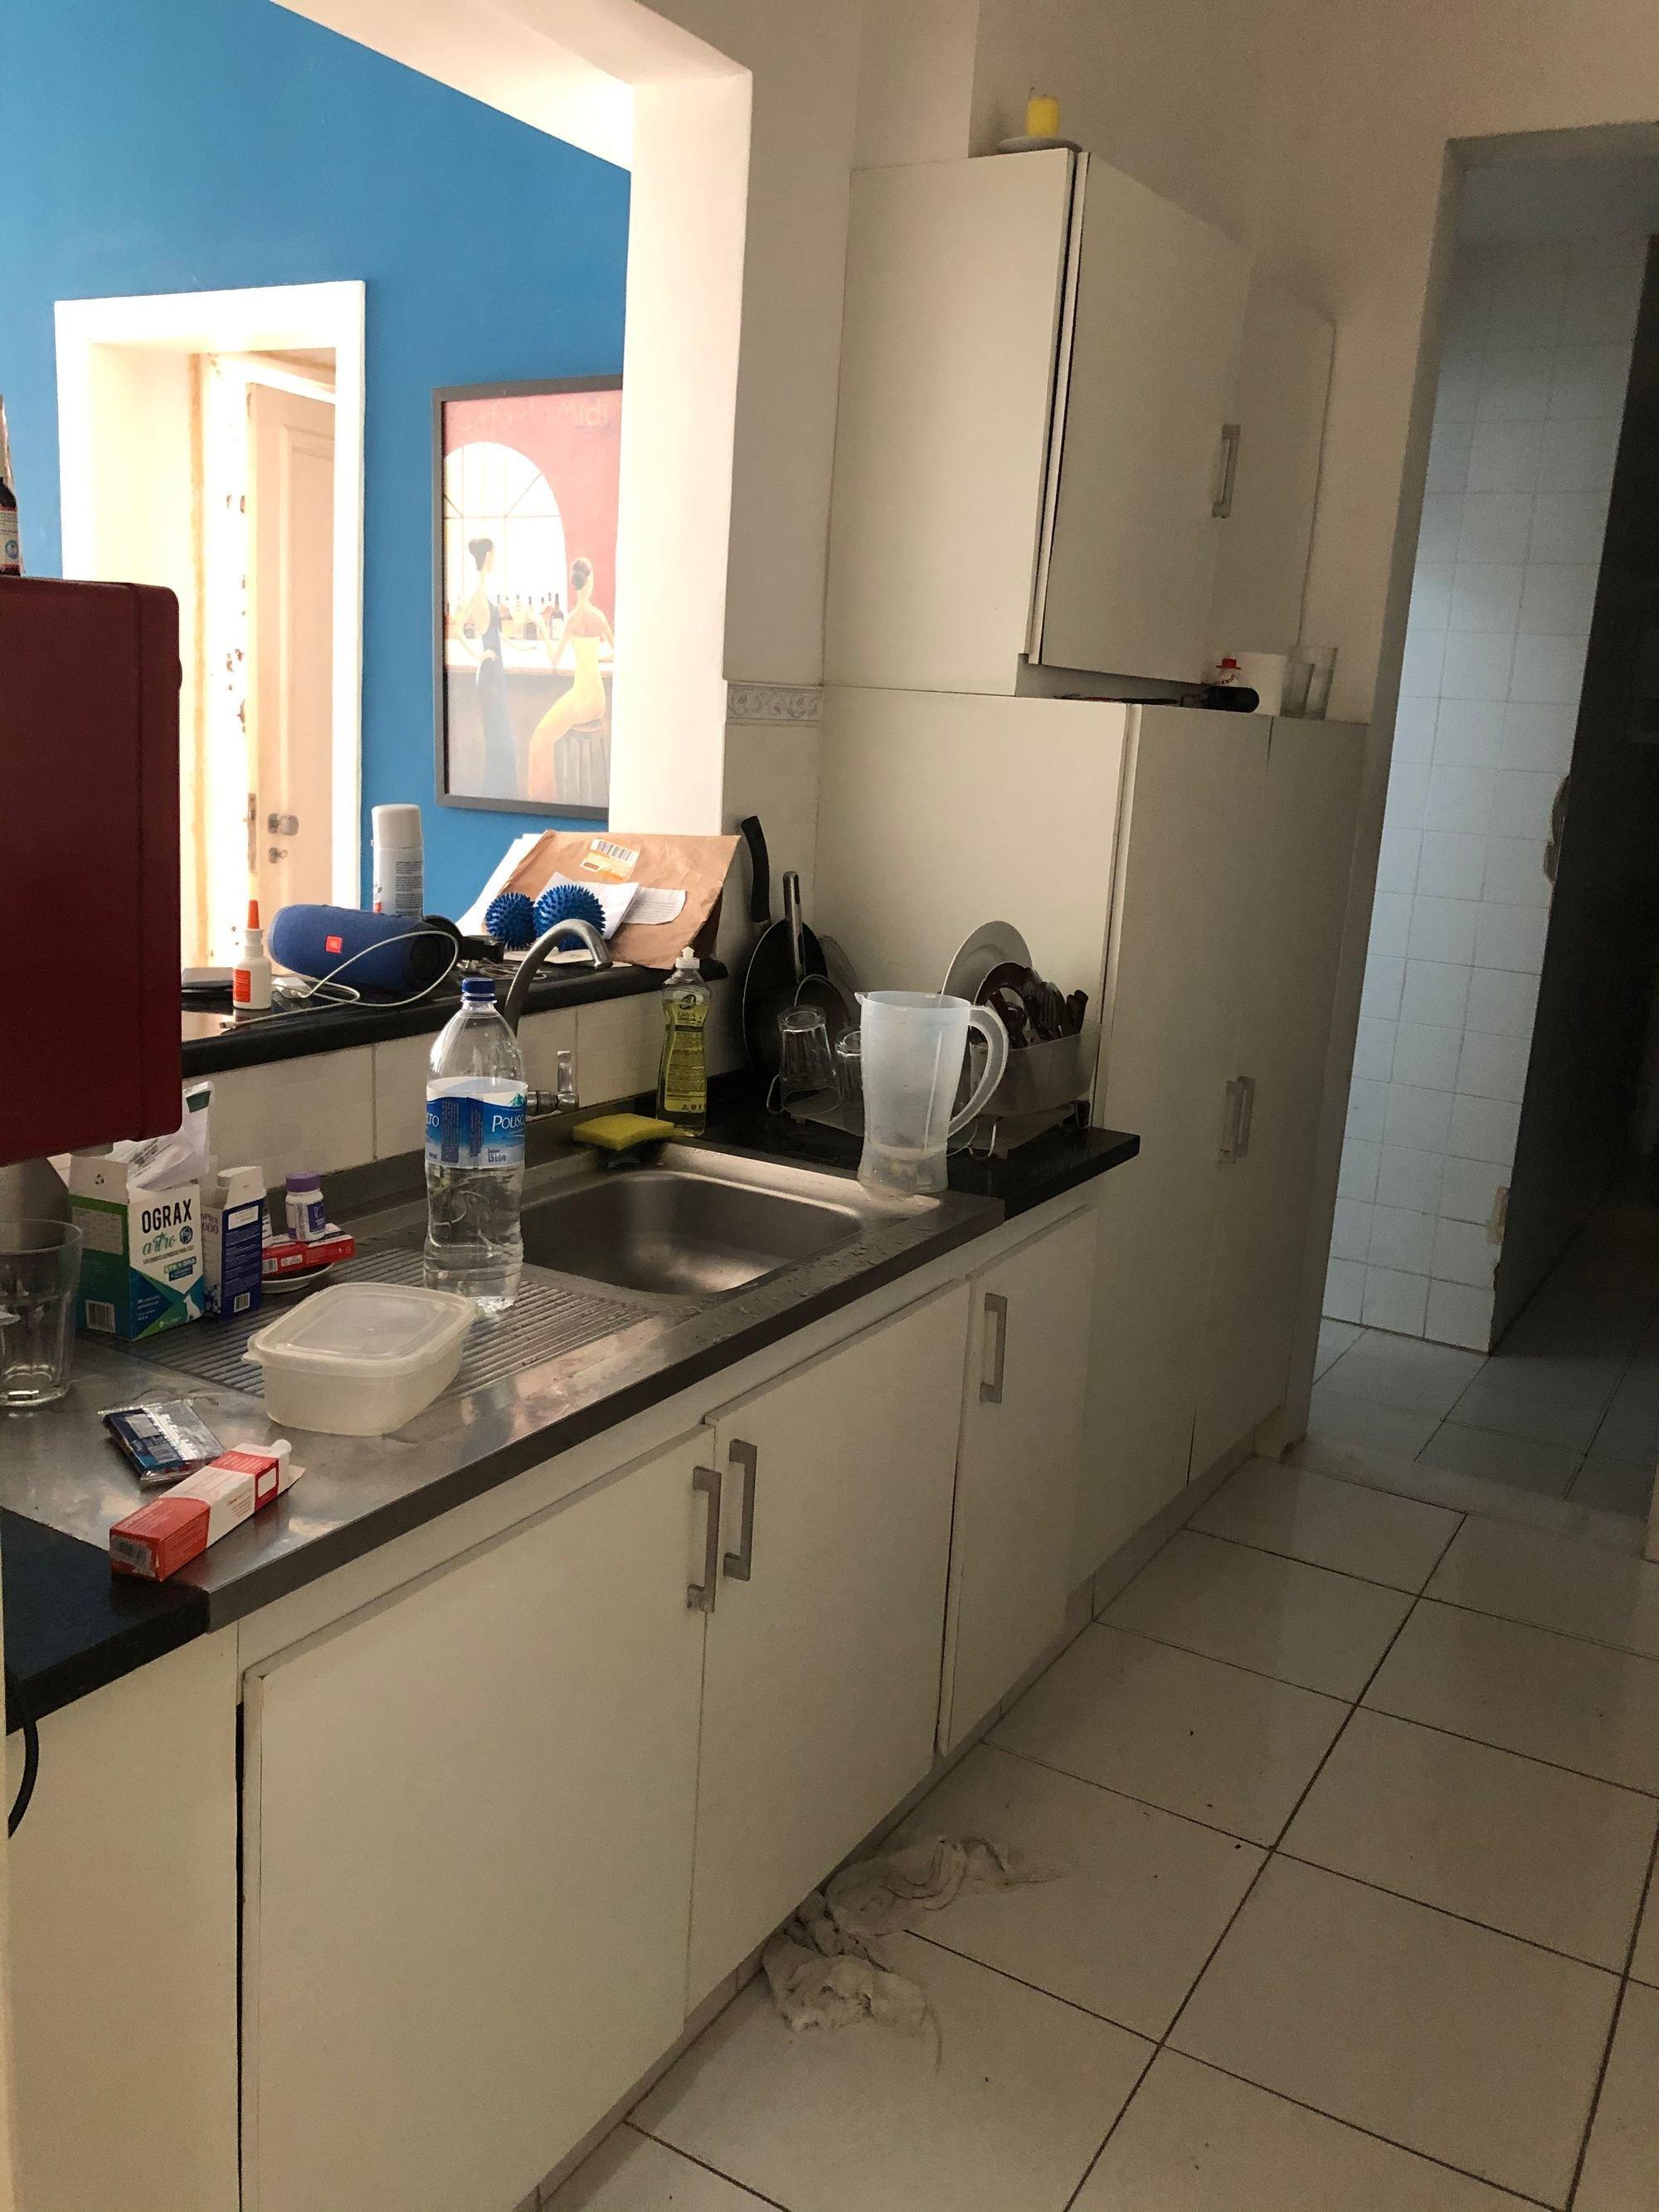 Foto de Cozinha com garrafa, tigela, pia, xícara